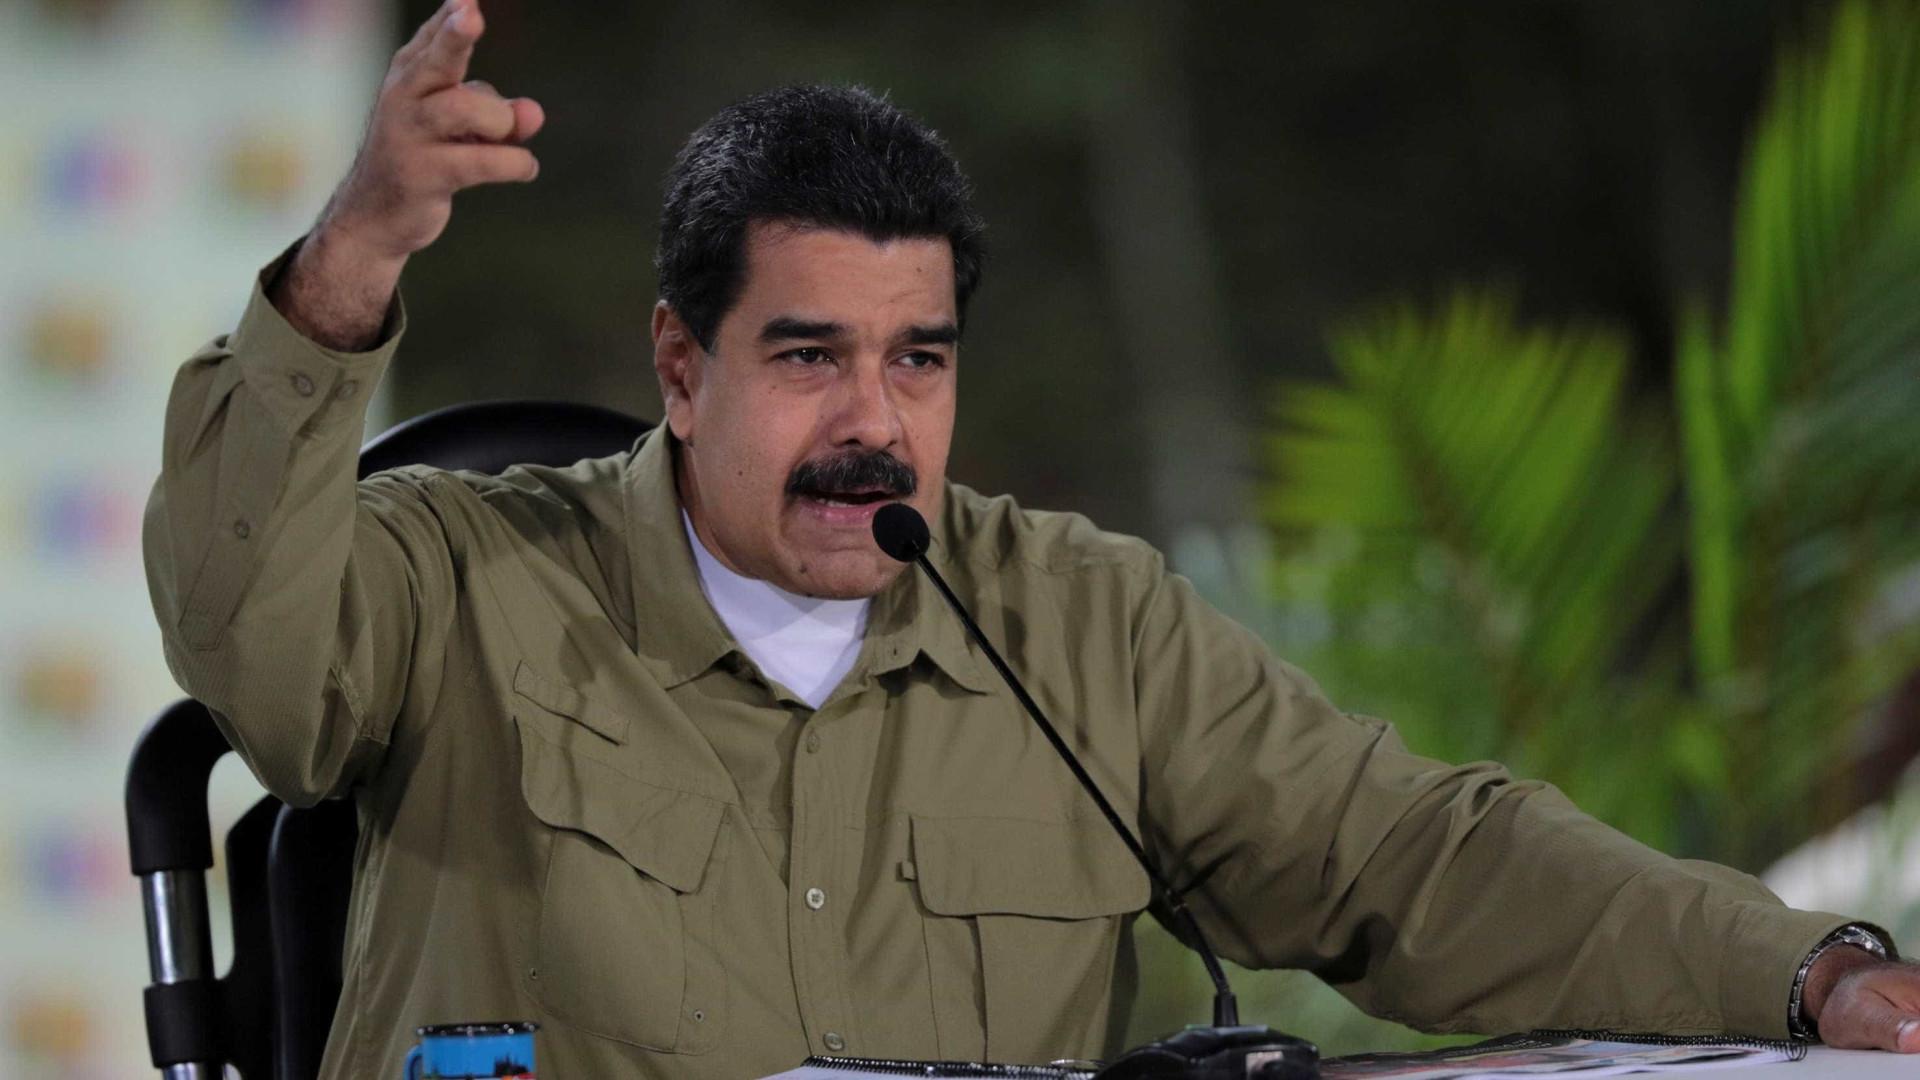 Presidente Donald Trump ameaça realizar ação militar na Venezuela